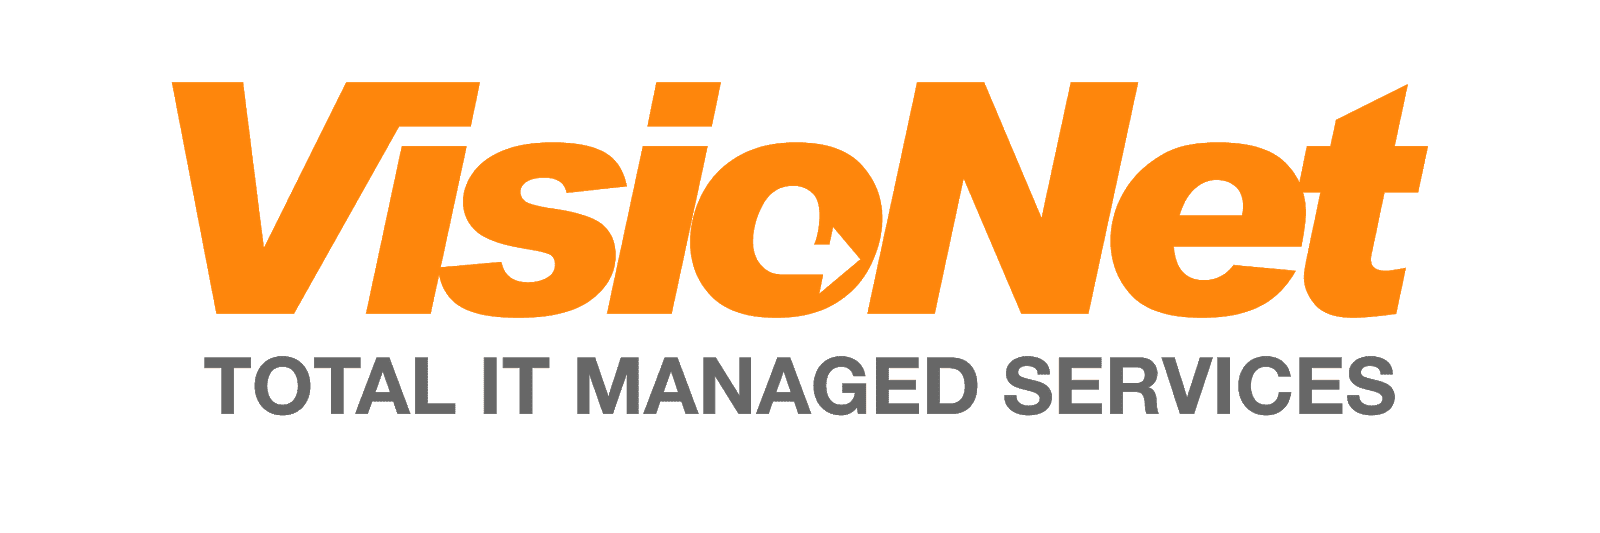 Lowongan Kerja Terbaru IOS Developer Visionet